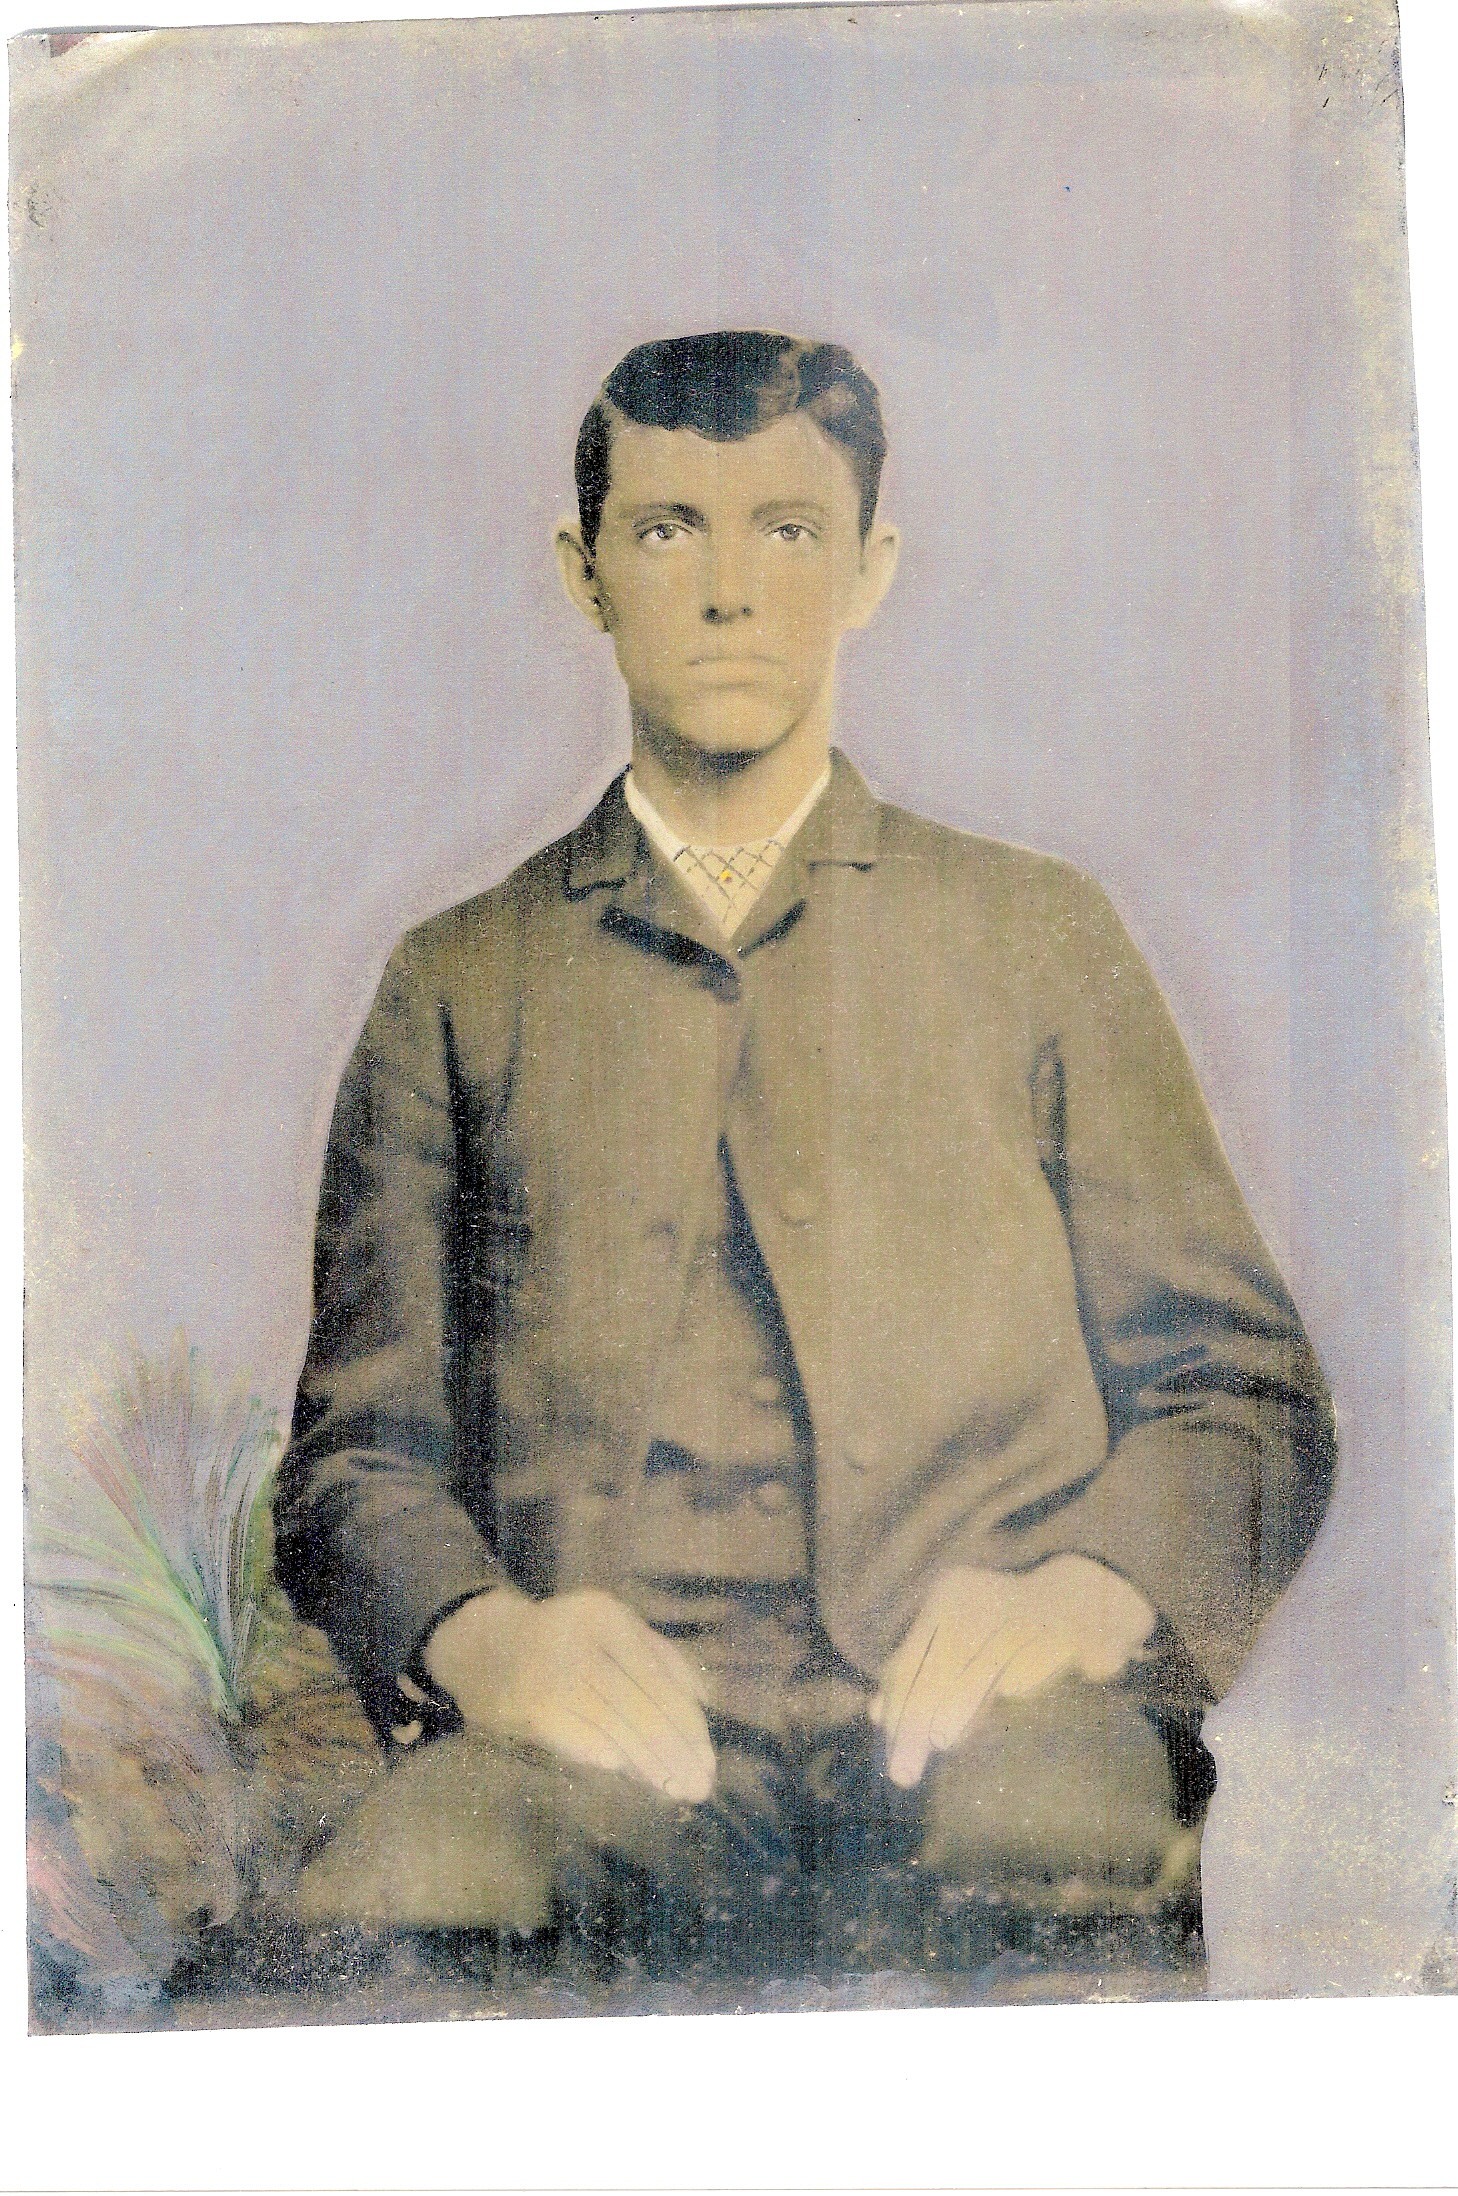 David Ceago Tallant